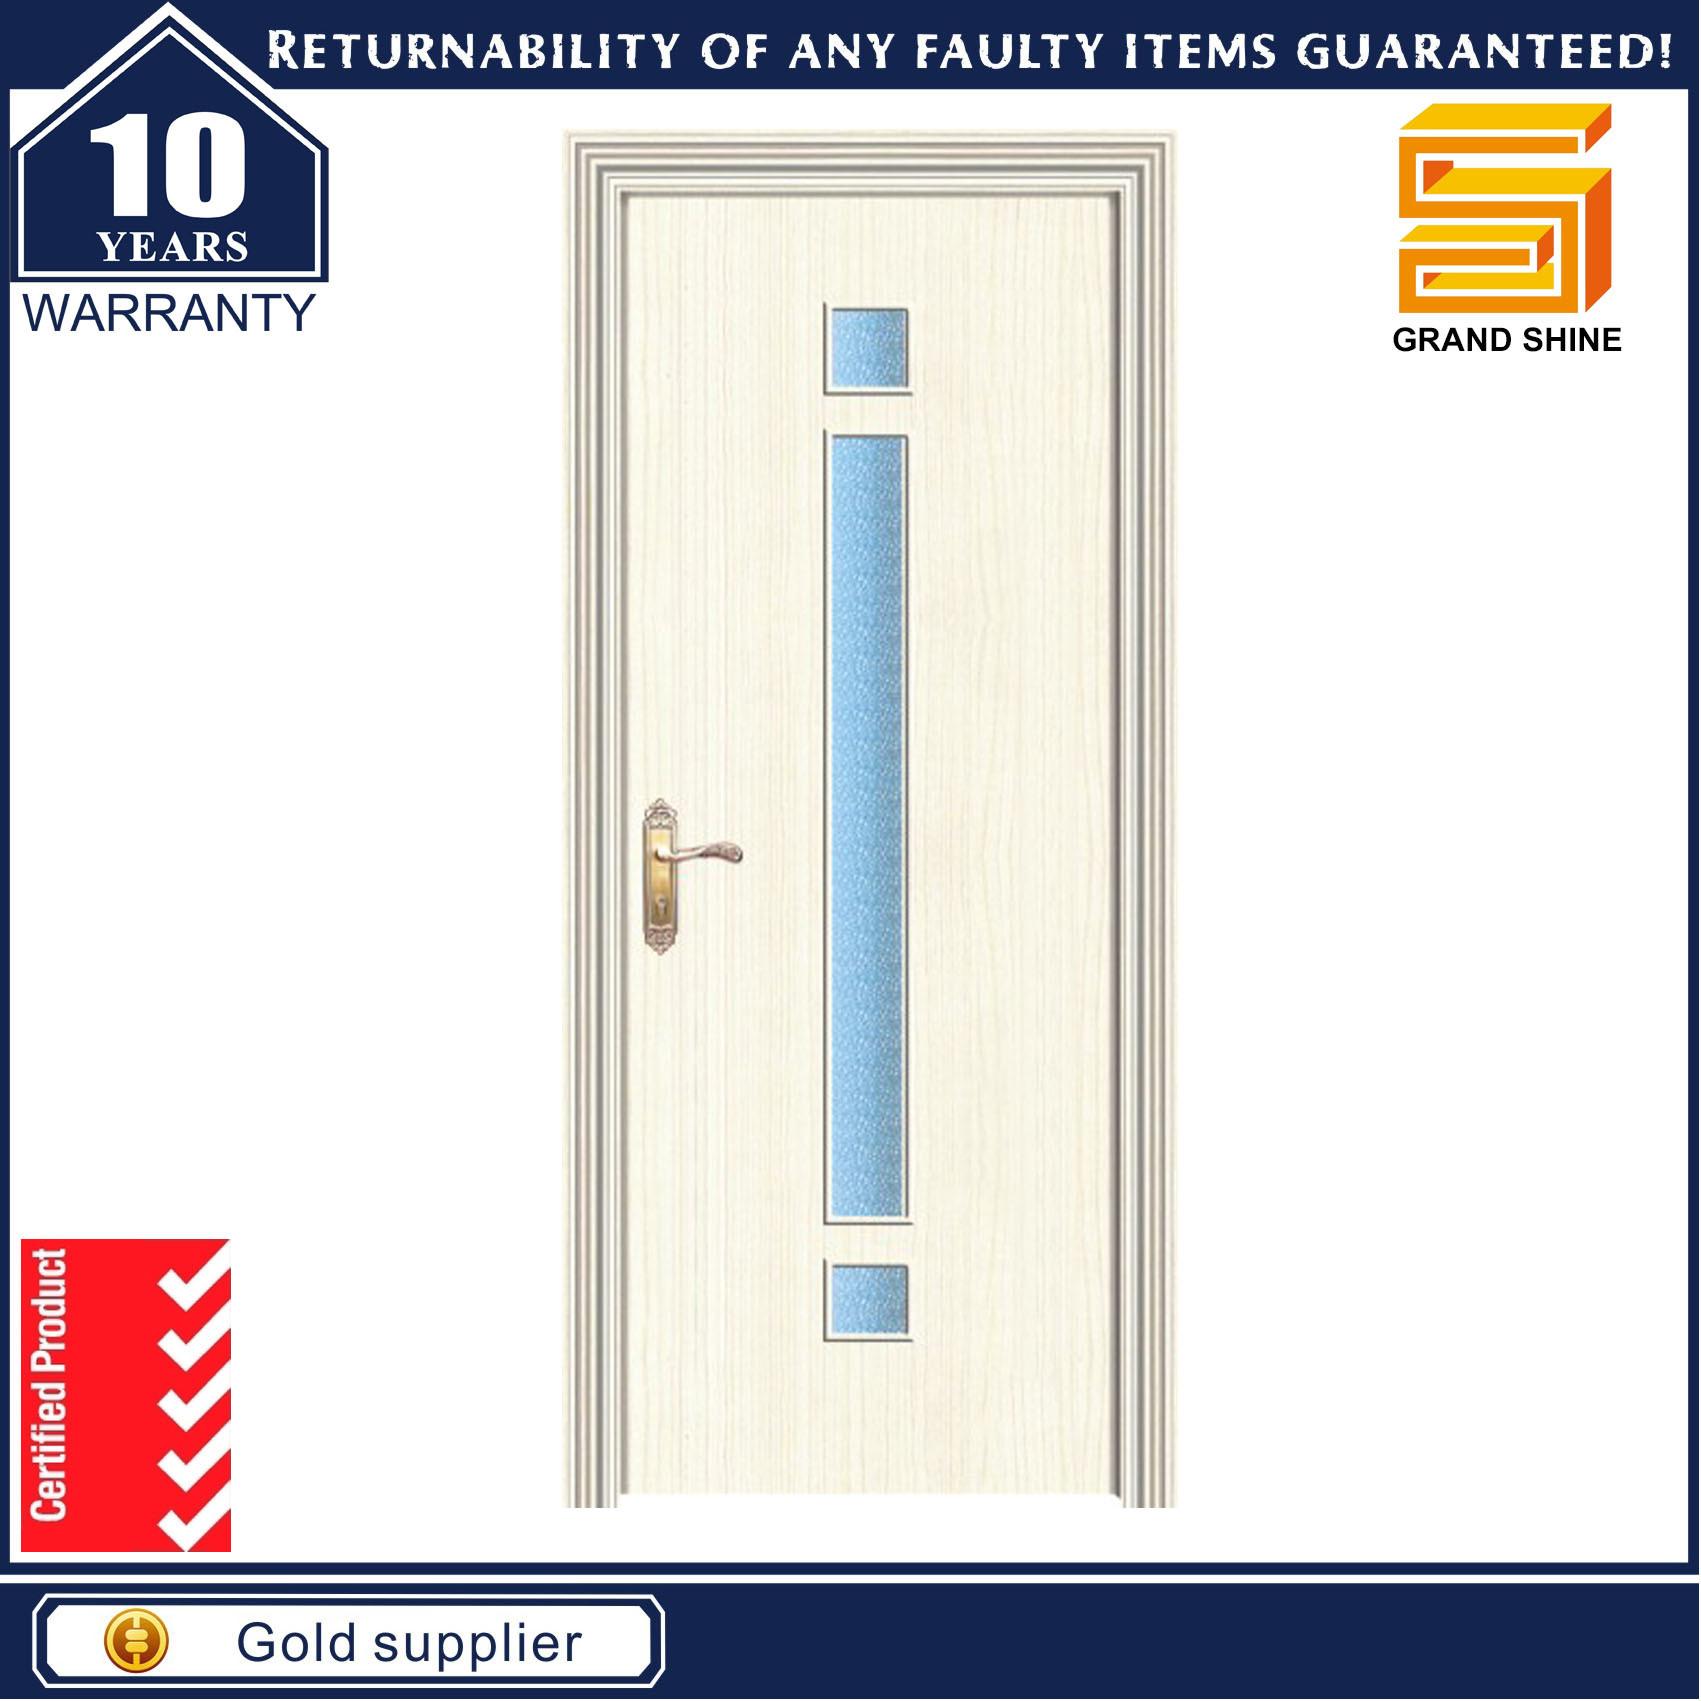 Composite Wood Interior PVC Veneer Fiberglass Bathroom Wood Door